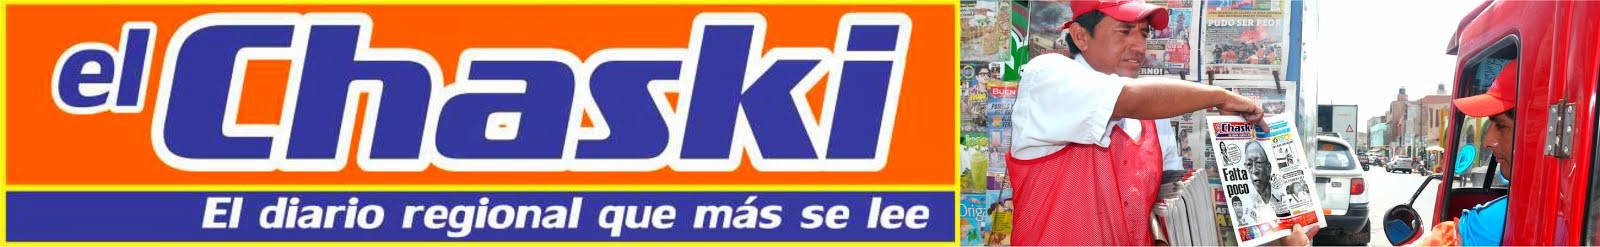 Diario El Chaski